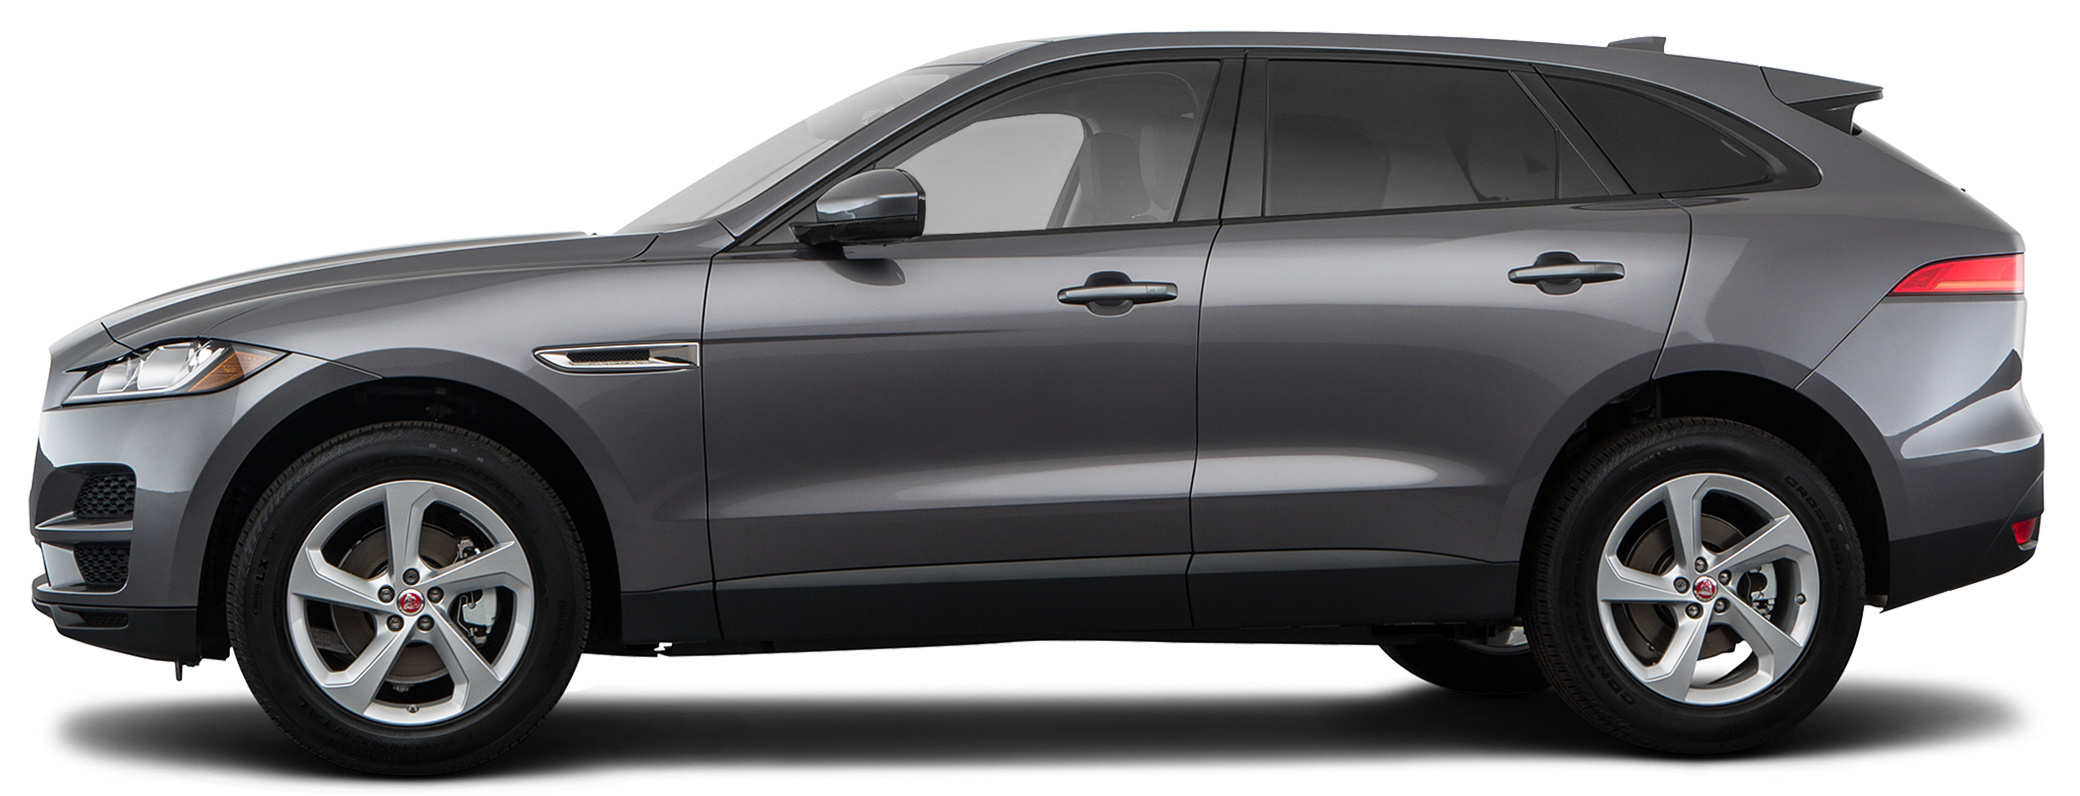 2019 Jaguar F-PACE SUV 25t